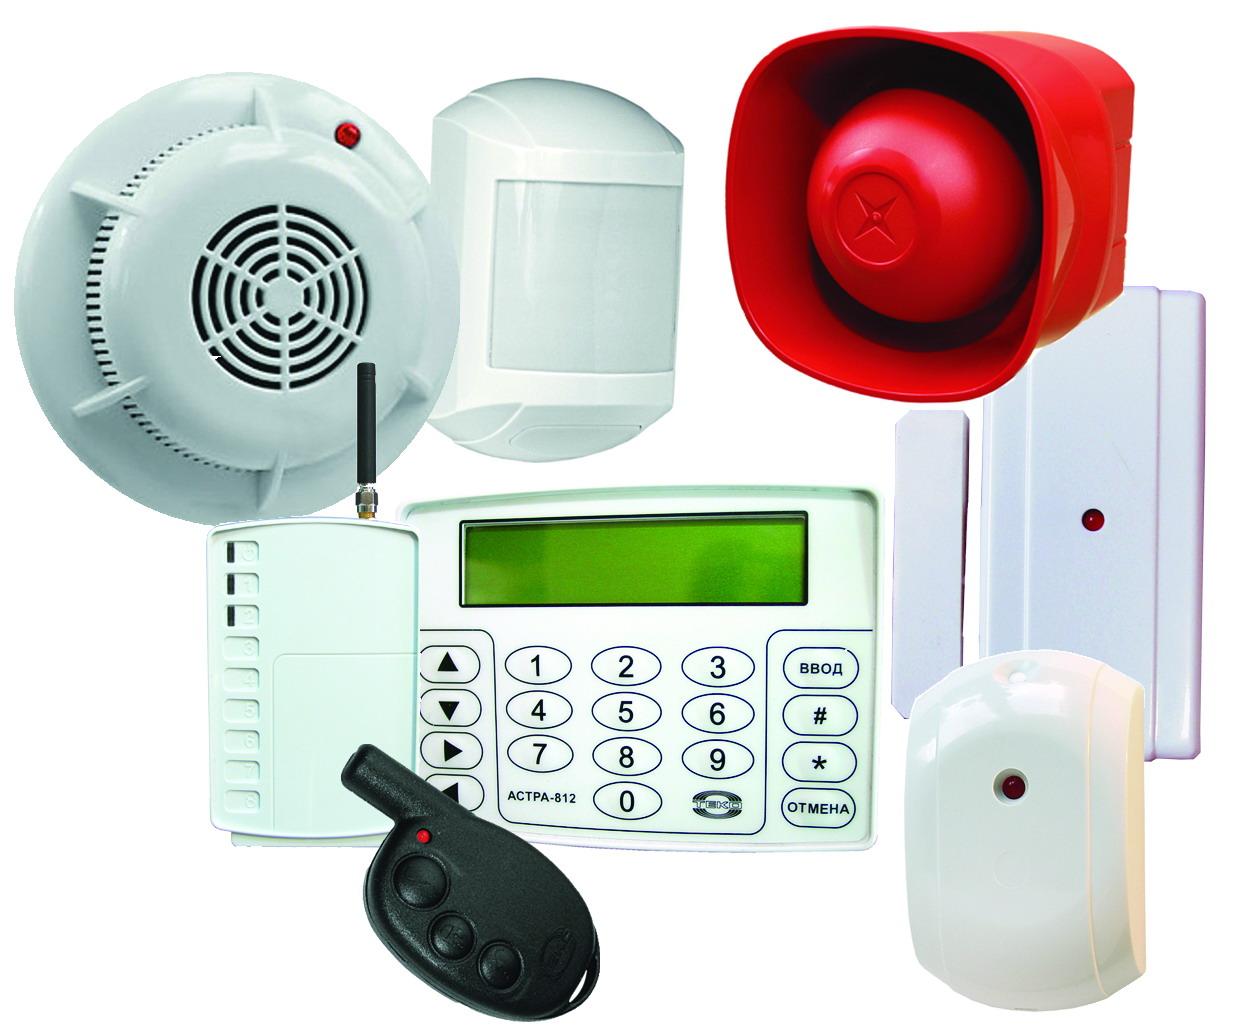 монтаж техническое обслуживание и ремонт систем пожарной сигнализации